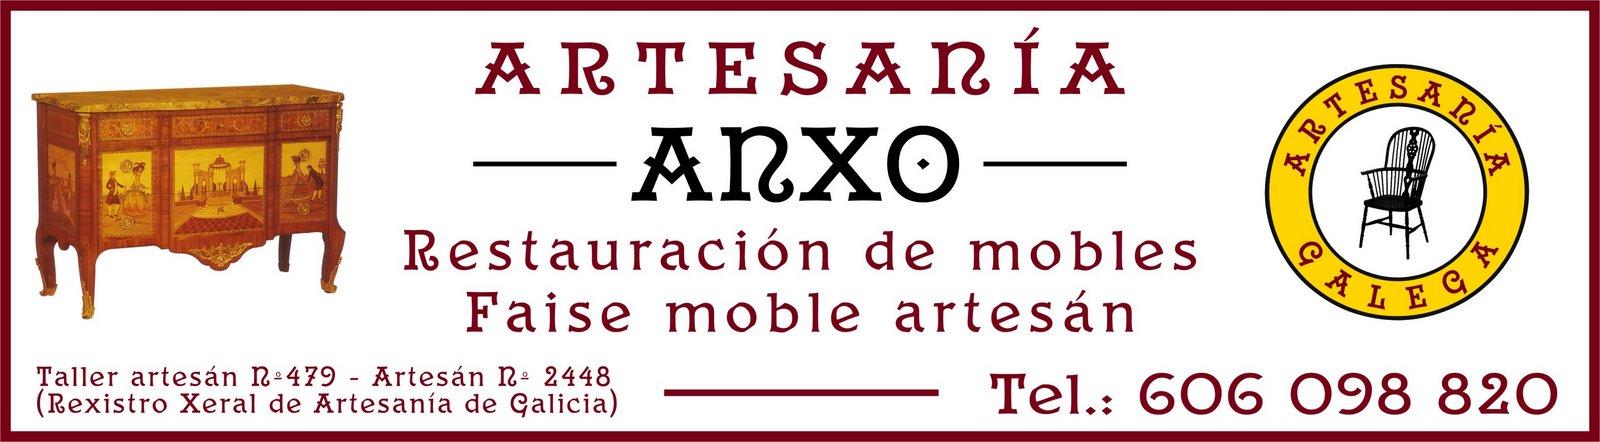 ARTESANIA DE ANXO MOSQUERA